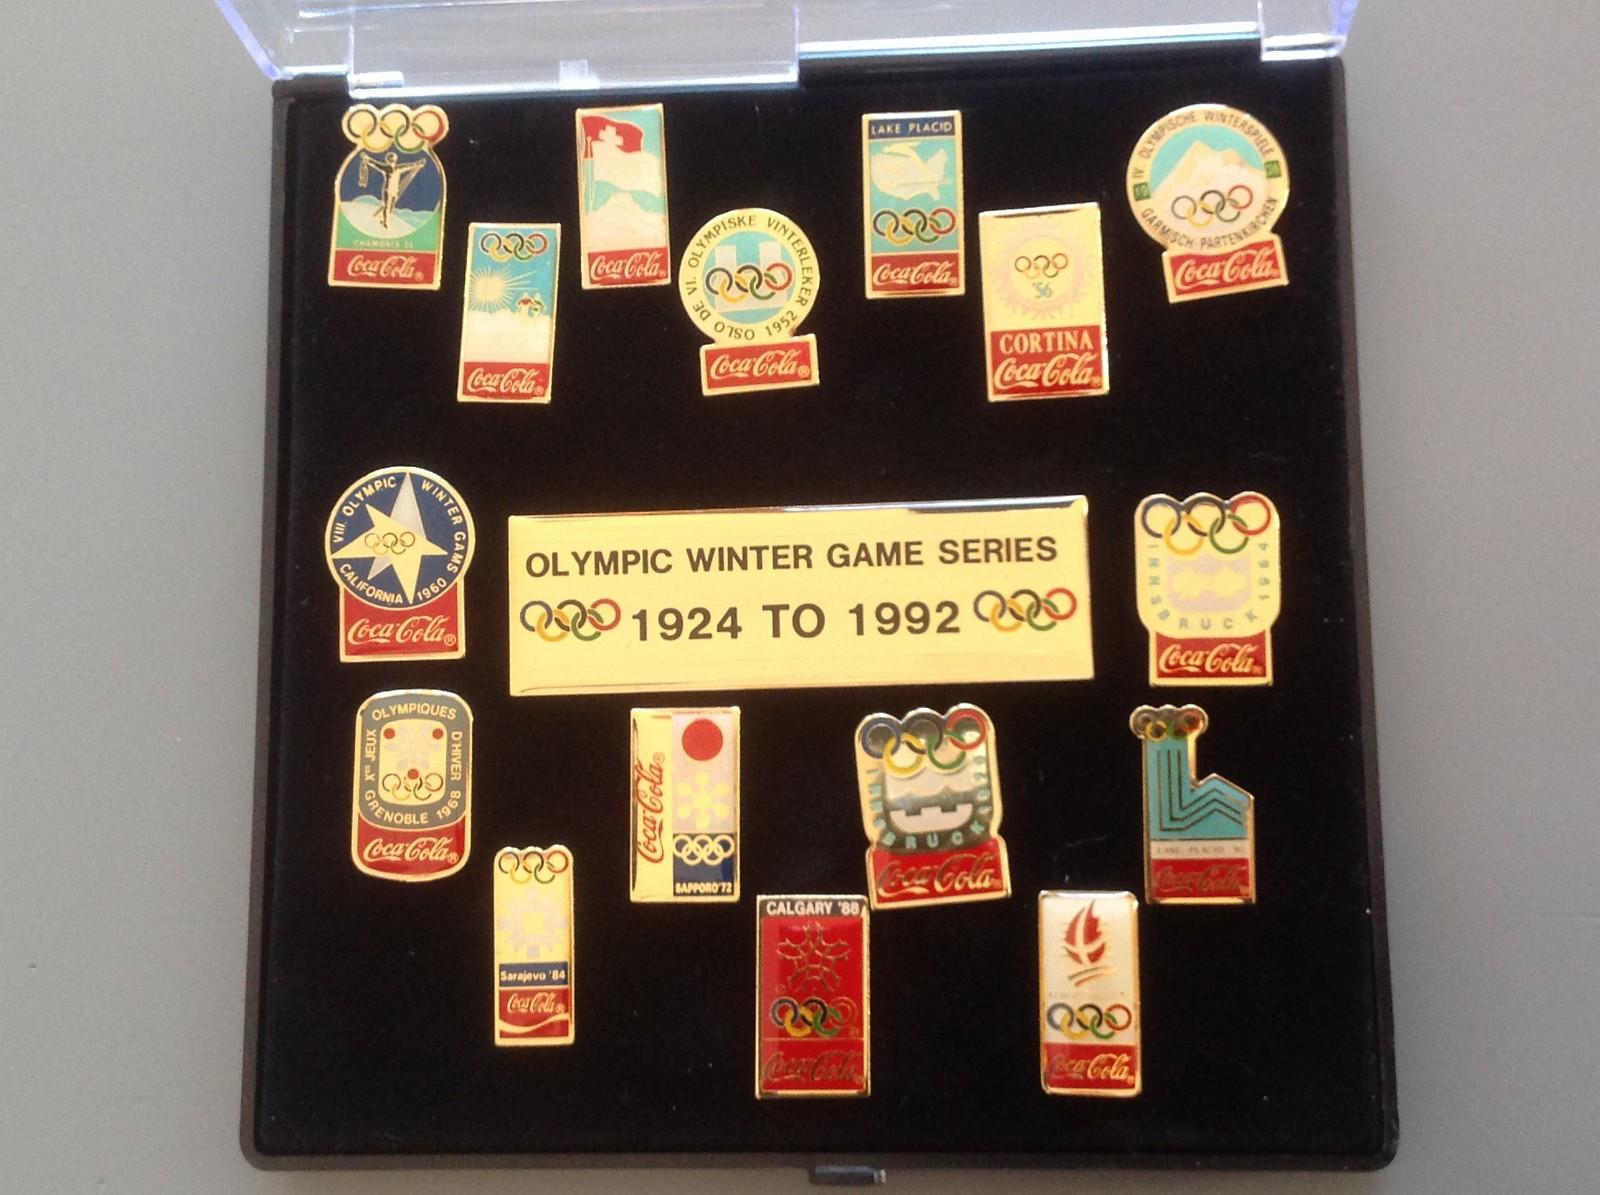 Coca cola pins - Olympic winter game series 1924-1992 selges - Porsgrunn  - Coca Cola pins: Olympic winter game series 1924-1992, i originalt etui selges til høystbydende. - Porsgrunn